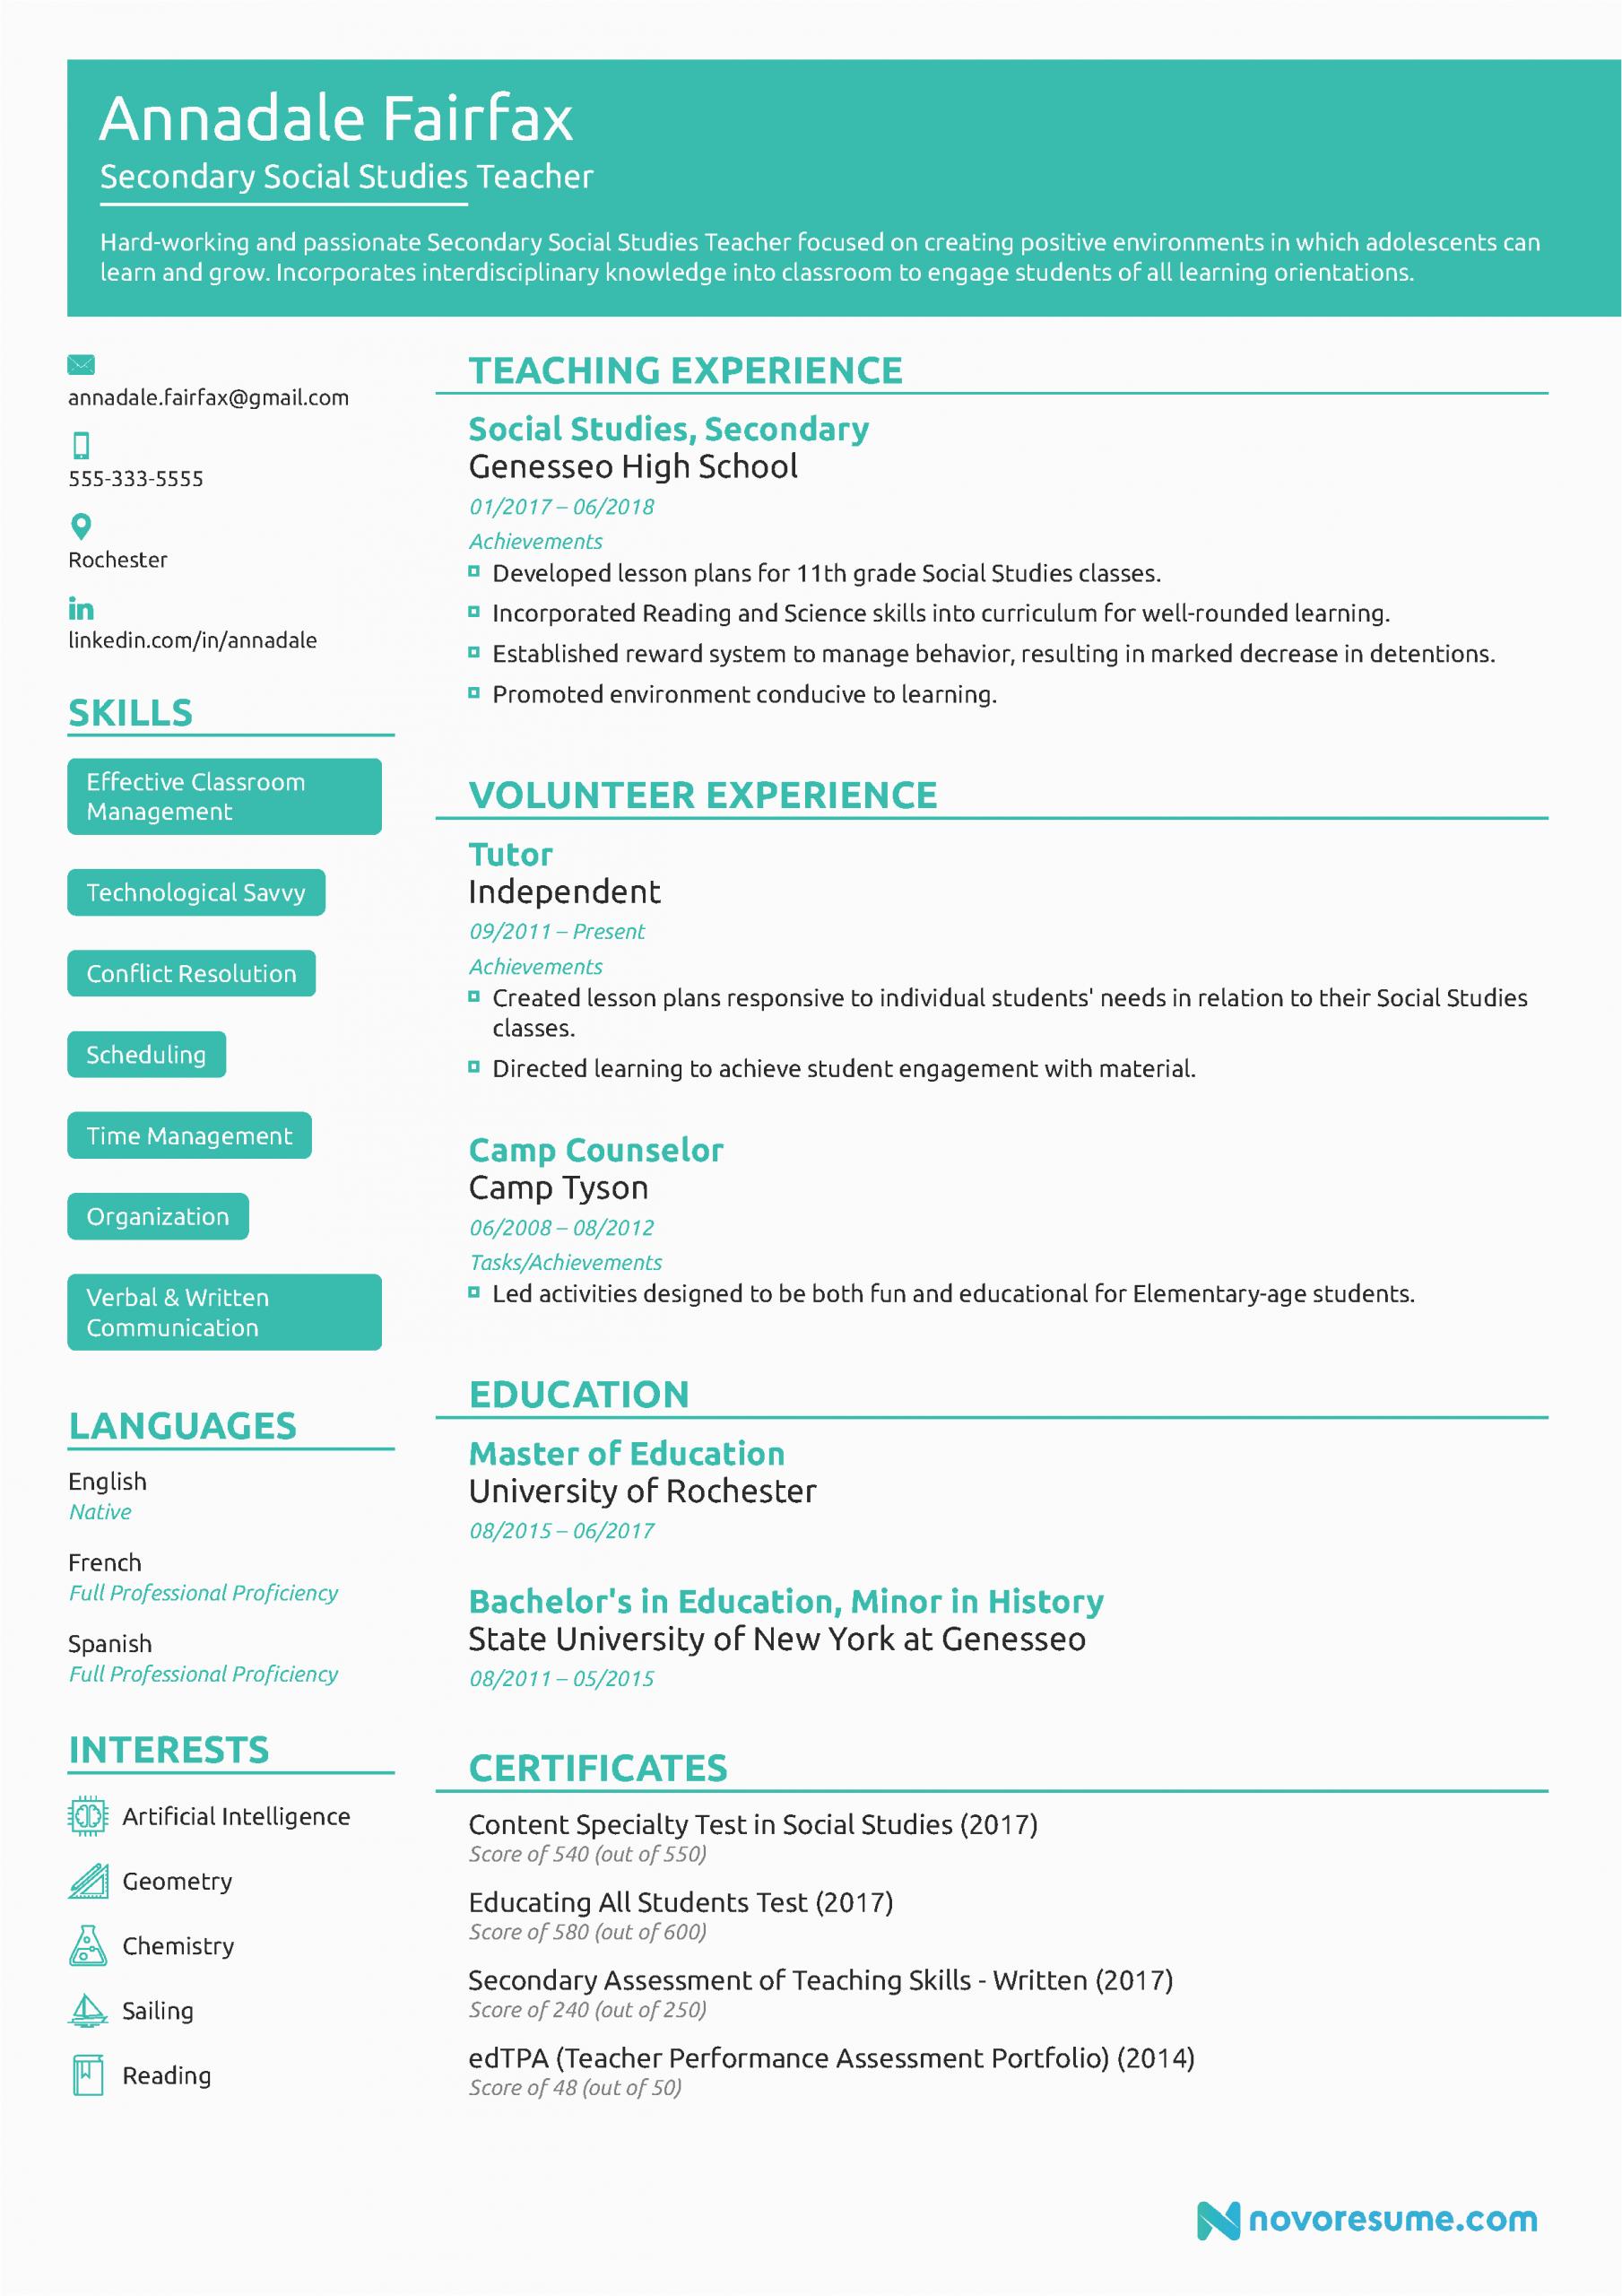 Sample Of Resume for Job Application for Teacher Teacher Resume Example [w Free Template]